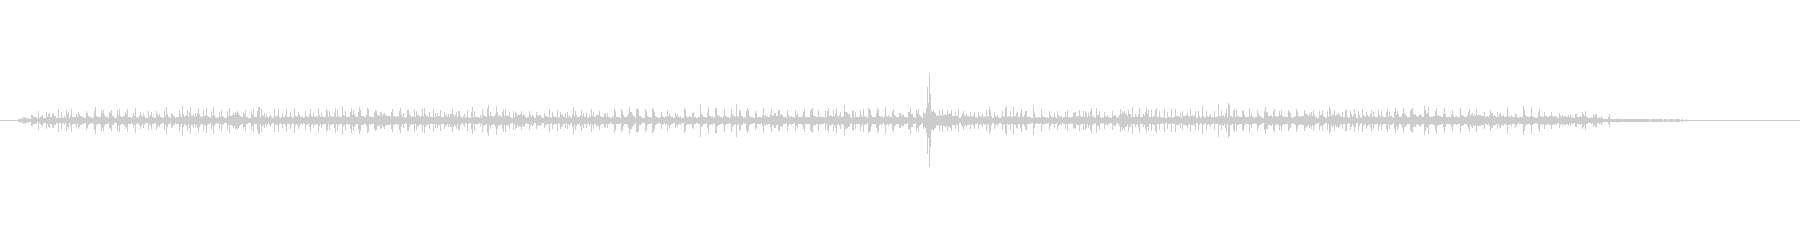 病院-ストレッチャーベッドダウンロ...の未再生の波形